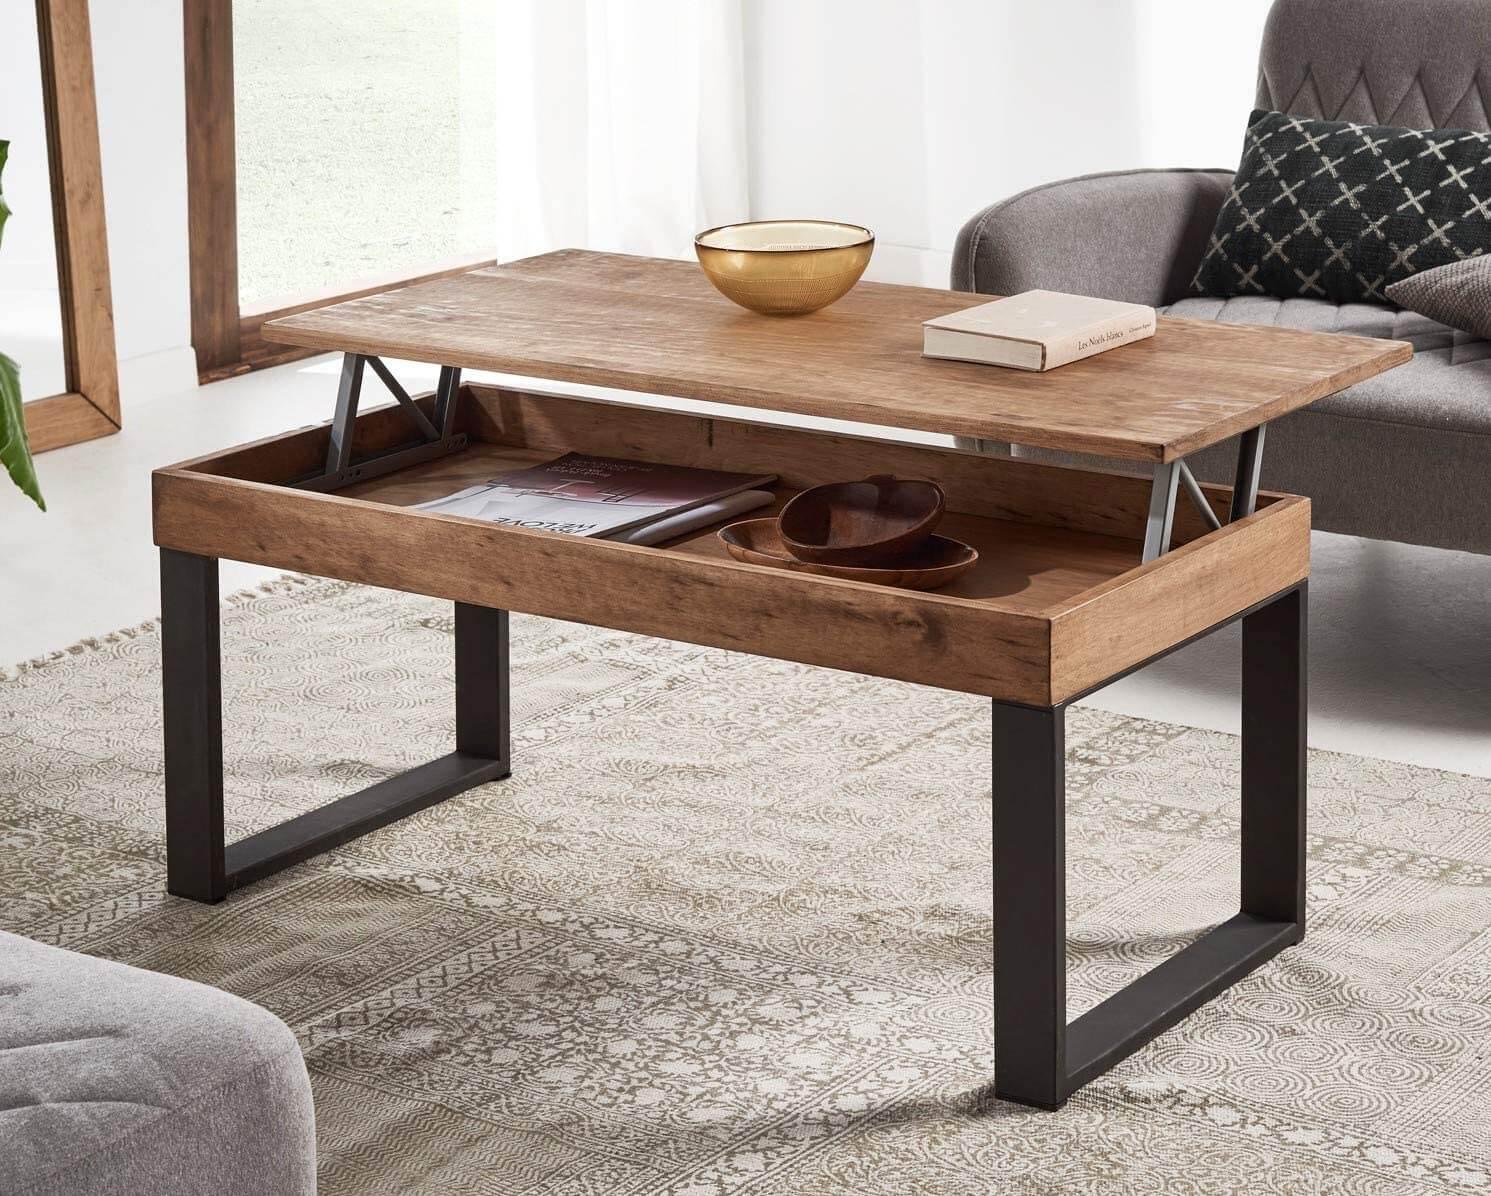 Table Basse avec Plateau Relevable  Sélection de beaux modèles